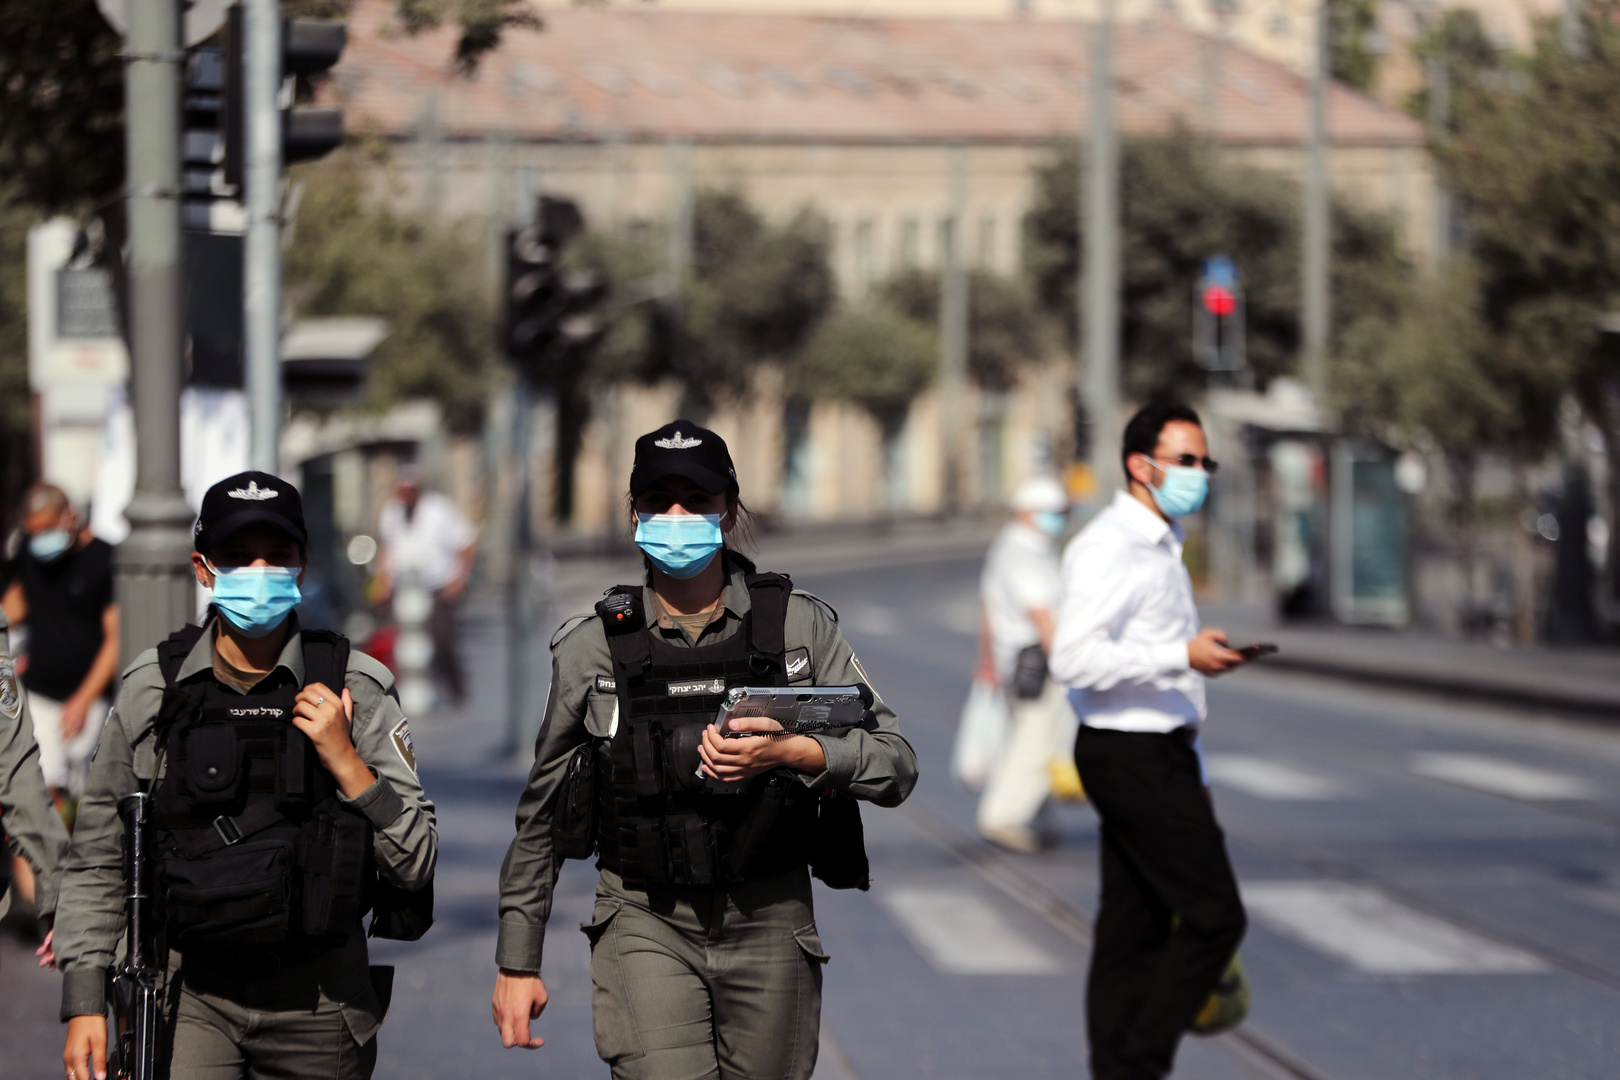 إسرائيل أول دولة في العالم تعيد فرض الحجر الصحي التام